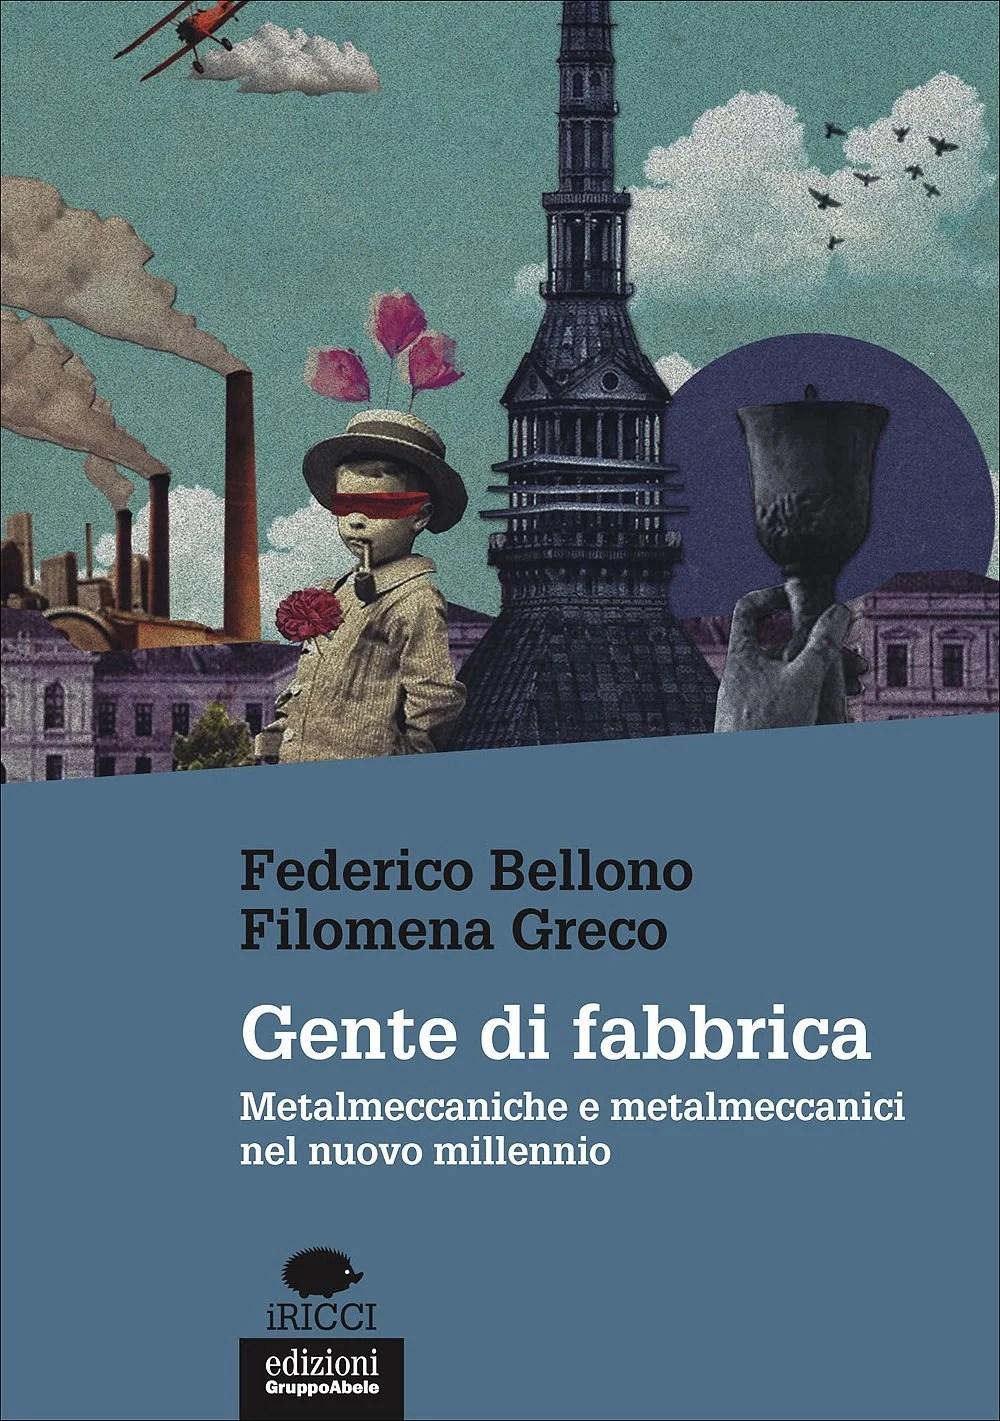 Recensione di Gente Di Fabbrica – Bellono-Greco